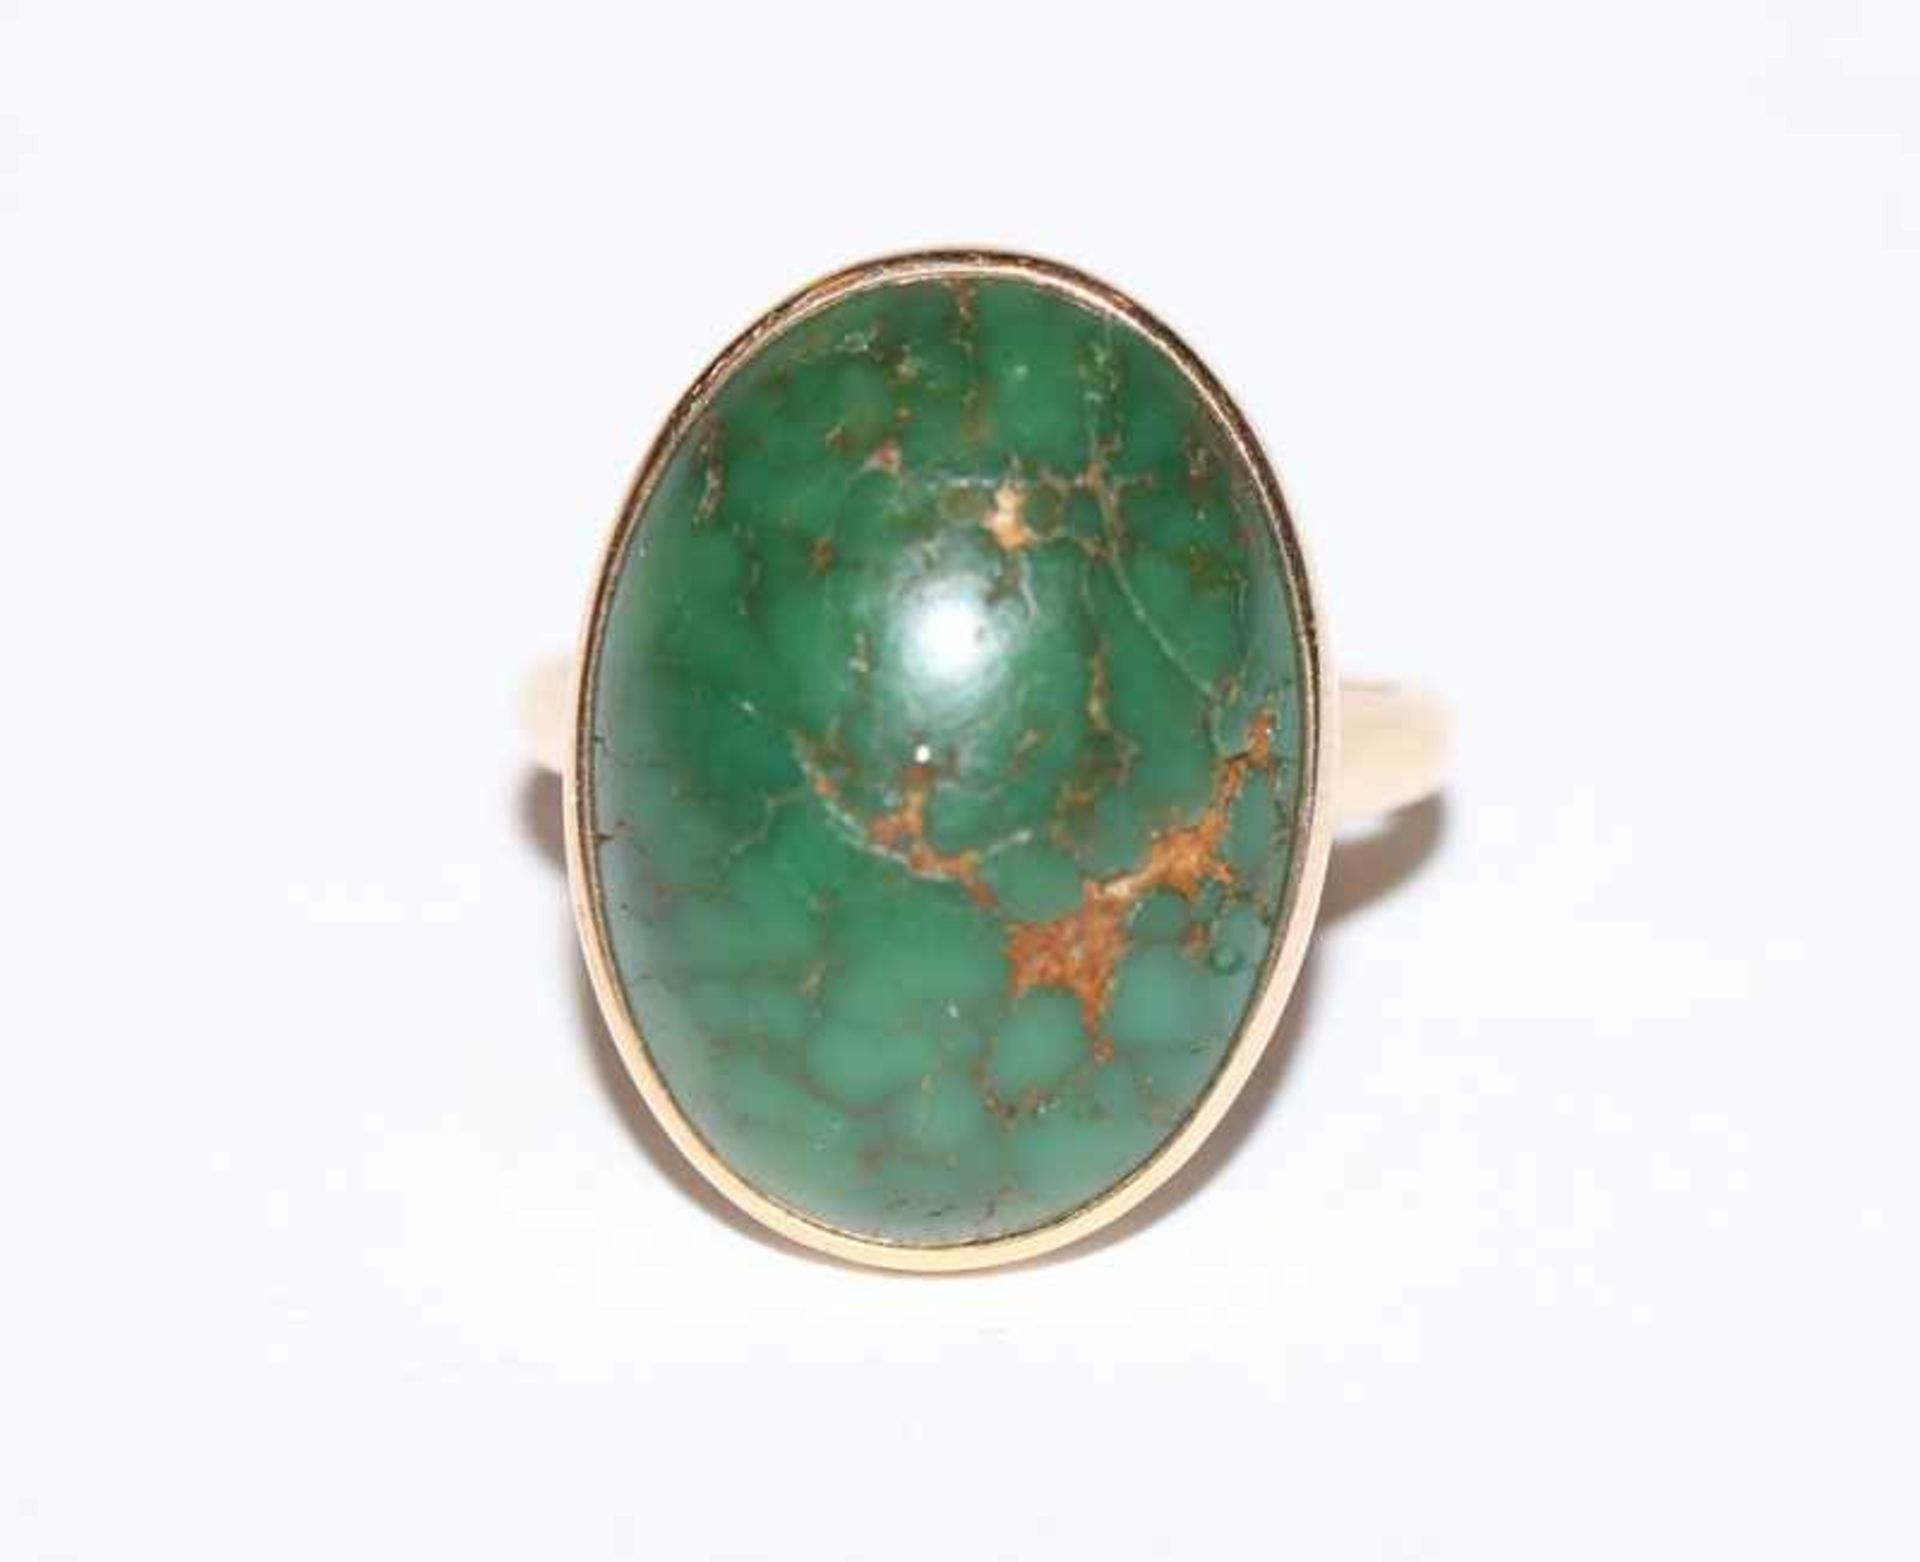 Los 8 - 14 k Gelbgold Ring mit grünem Türkis, Gr. 56, 5,8 gr.